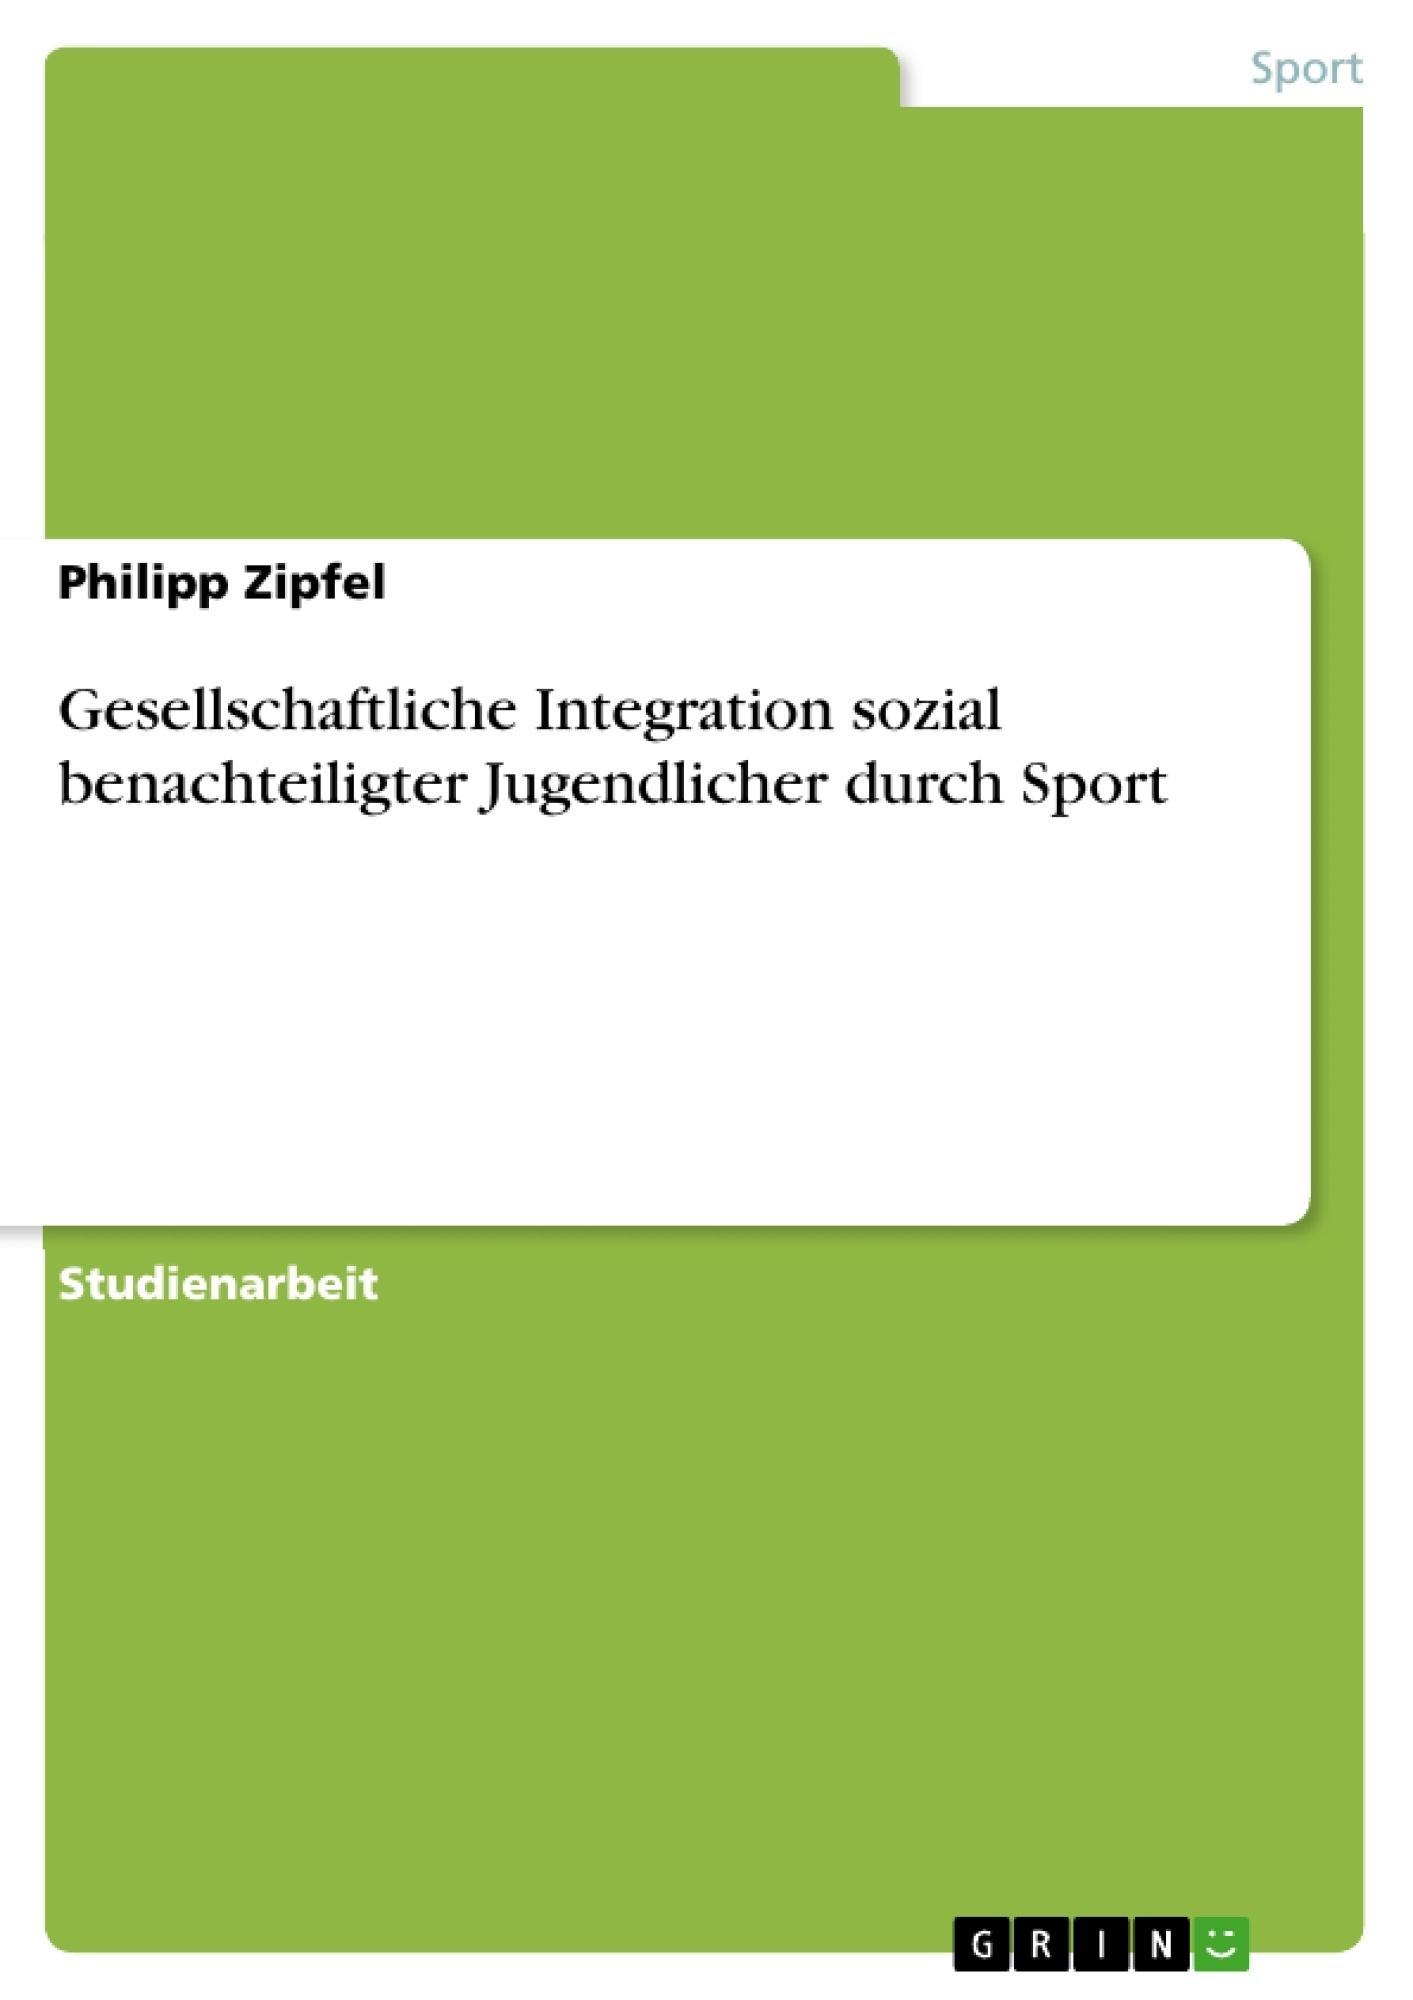 Titel: Gesellschaftliche Integration sozial benachteiligter Jugendlicher durch Sport